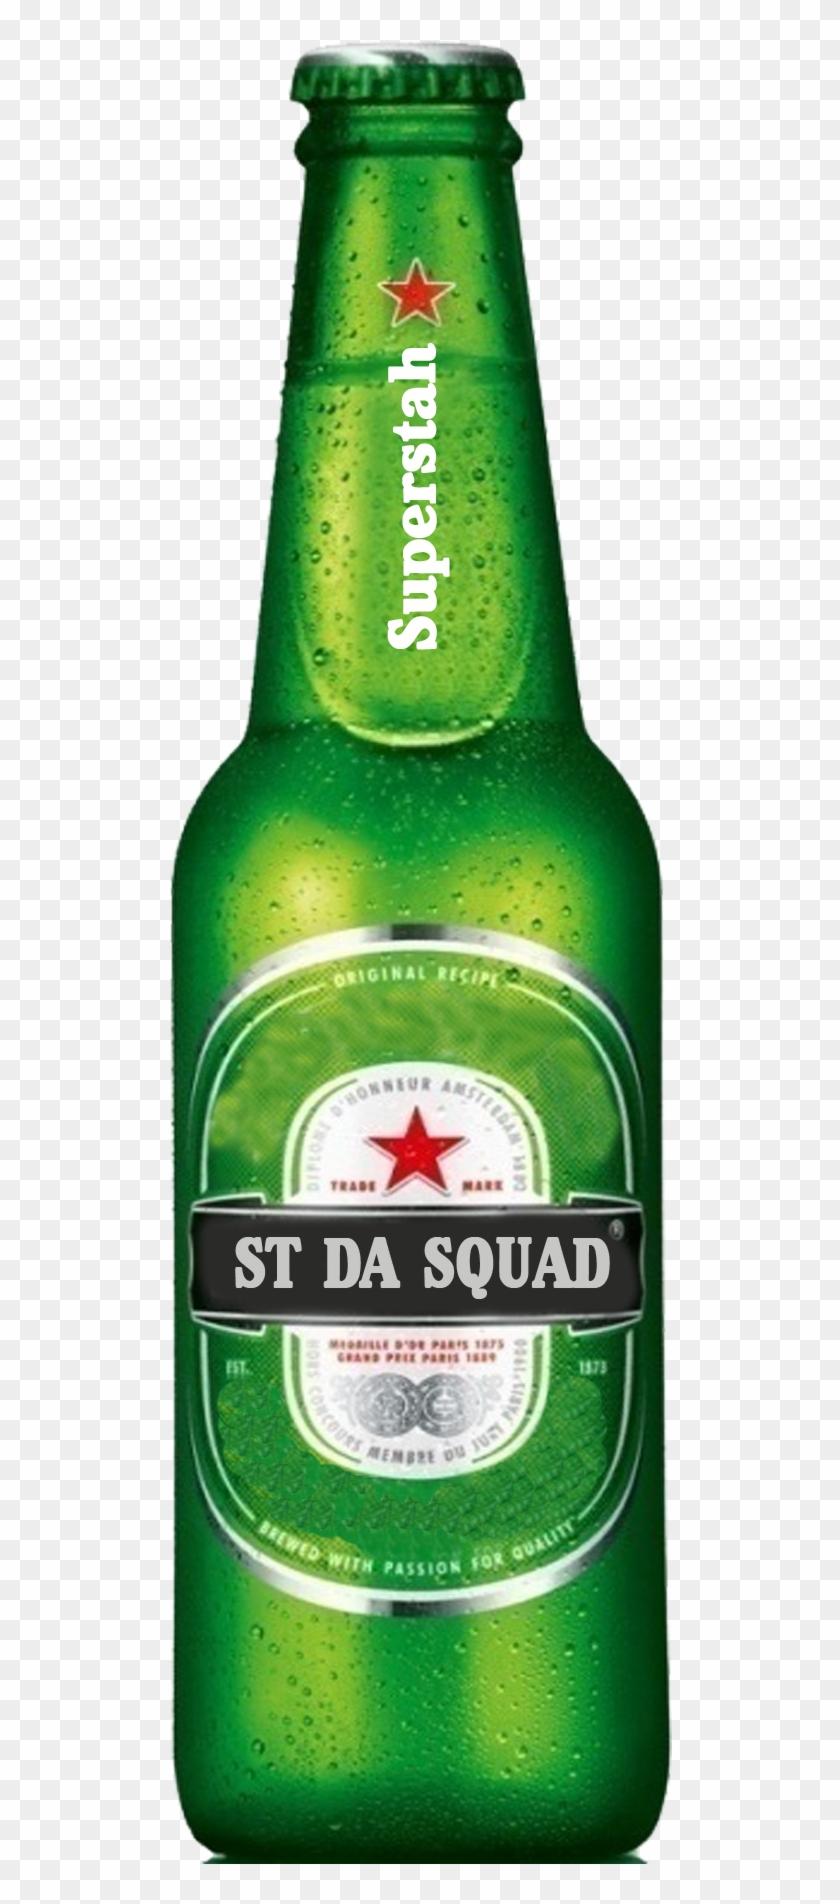 Beer Bottle Png Image - Beer Bottle Png #627406